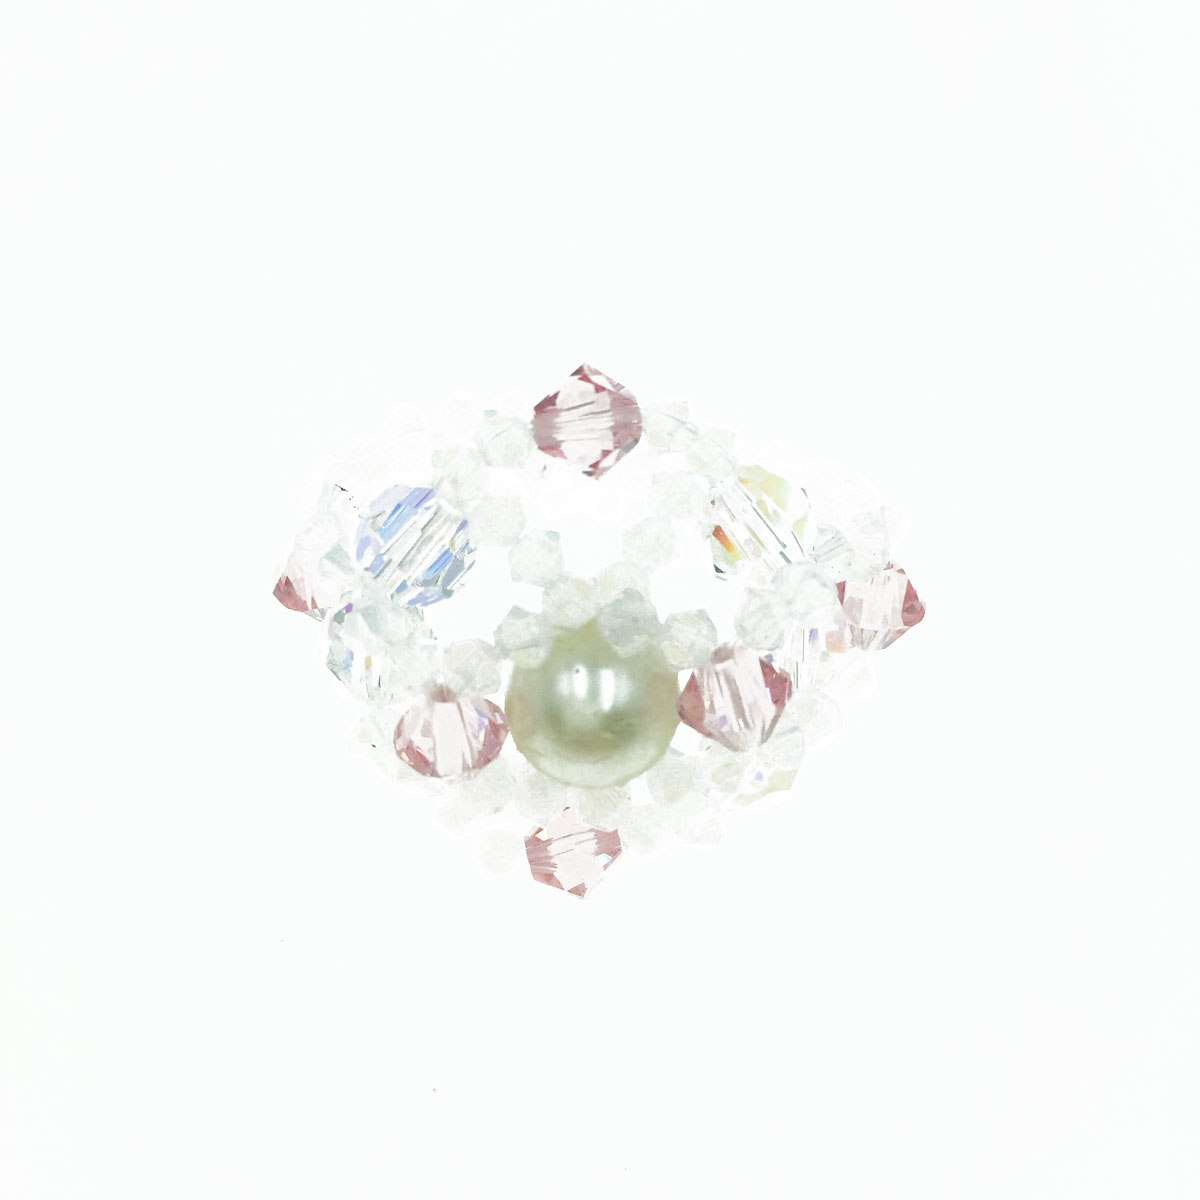 珍珠花朵 粉紅 蛋白色 水晶 甜美風 彈性線 戒指 採用施華洛世奇水晶元素 Crystals from Swarovski